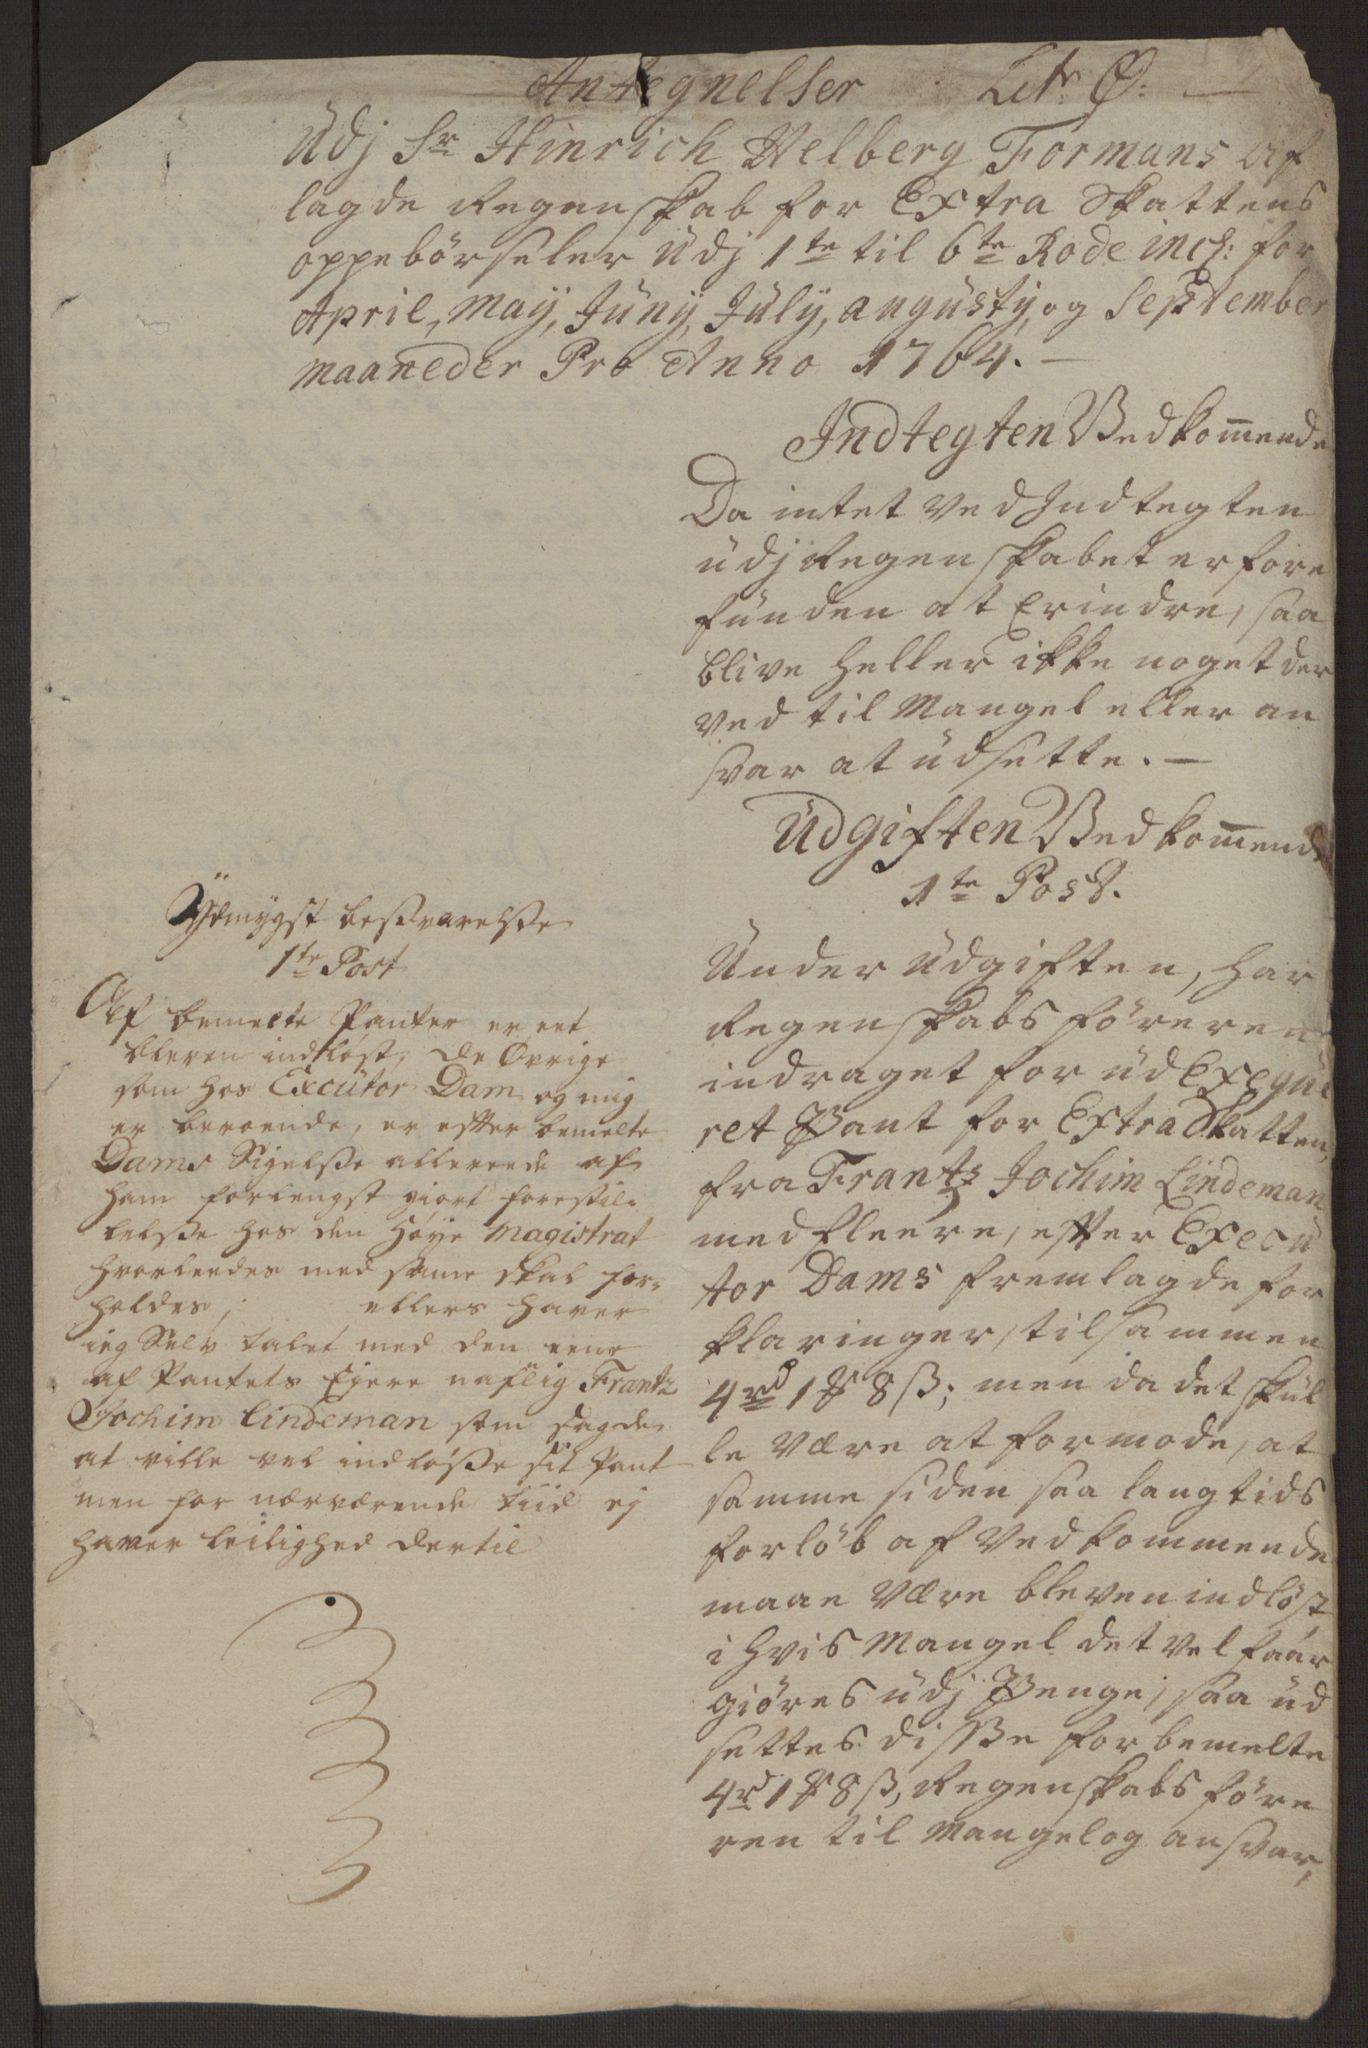 RA, Rentekammeret inntil 1814, Reviderte regnskaper, Byregnskaper, R/Rp/L0367: [P21] Kontribusjonsregnskap, 1764, s. 104